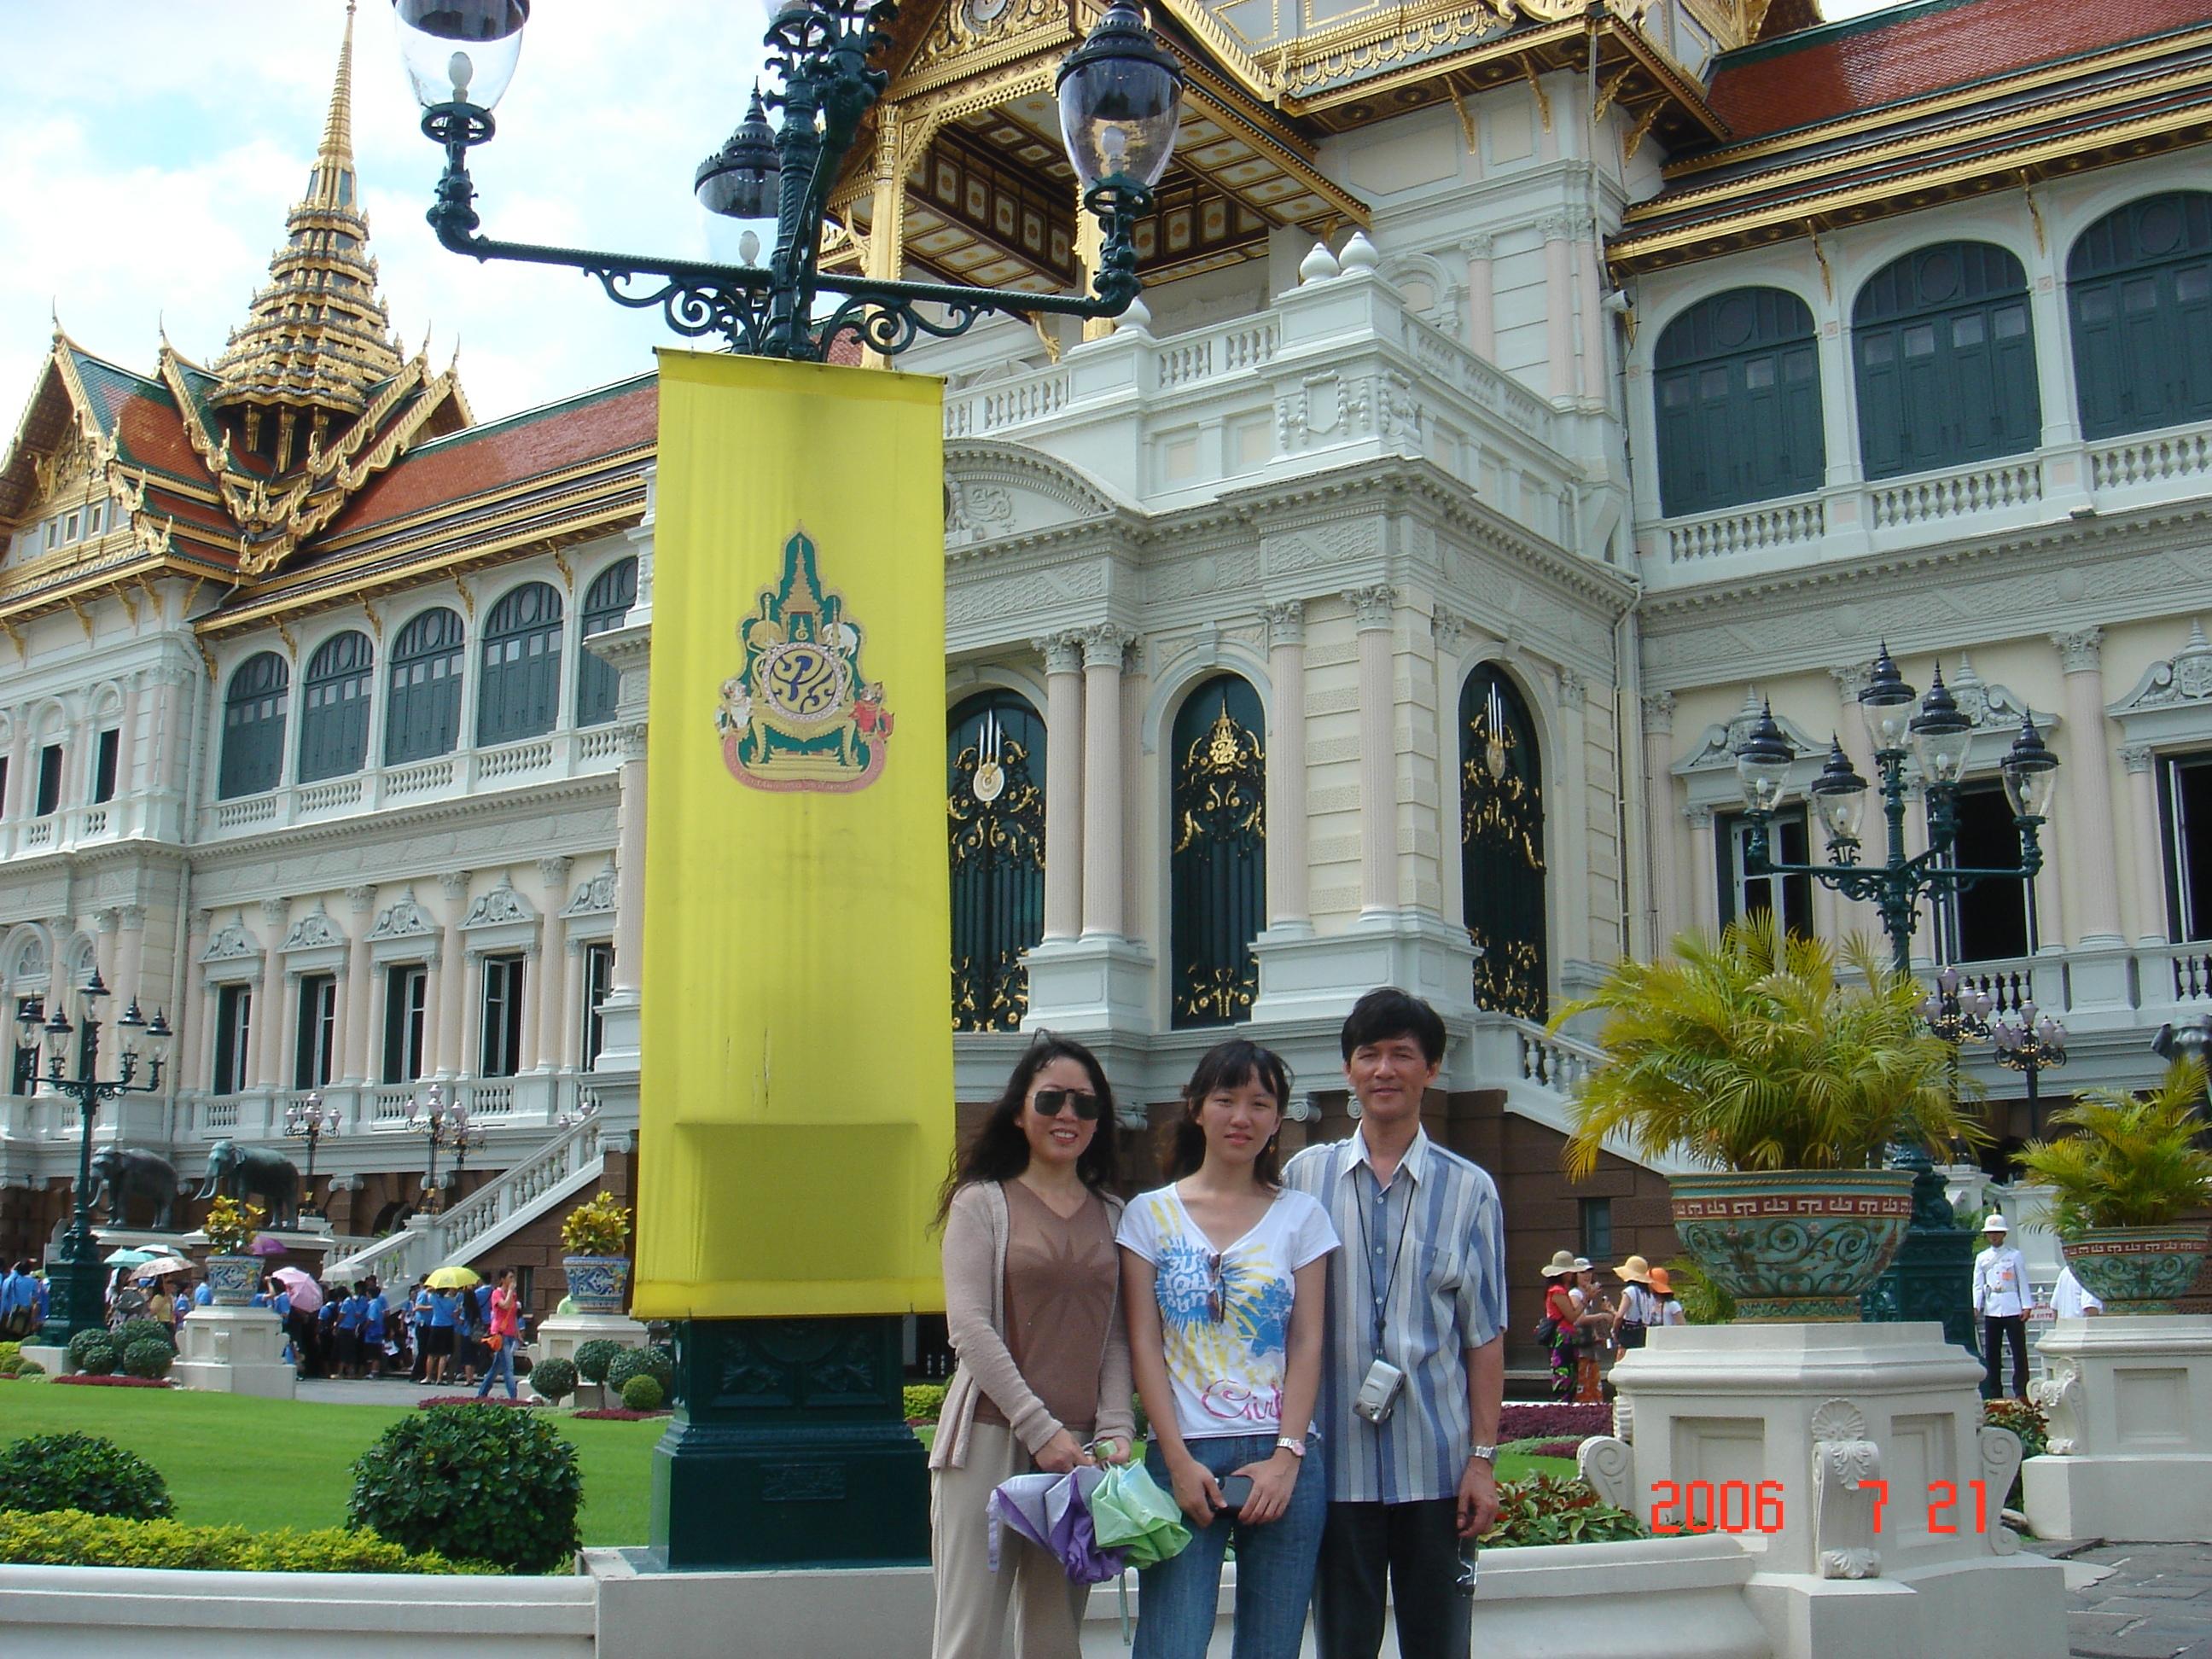 http://store.zcubes.com/D98FDA7D70B34D63B4ACDAF967D75CDD/Uploaded/Thailand.JPG